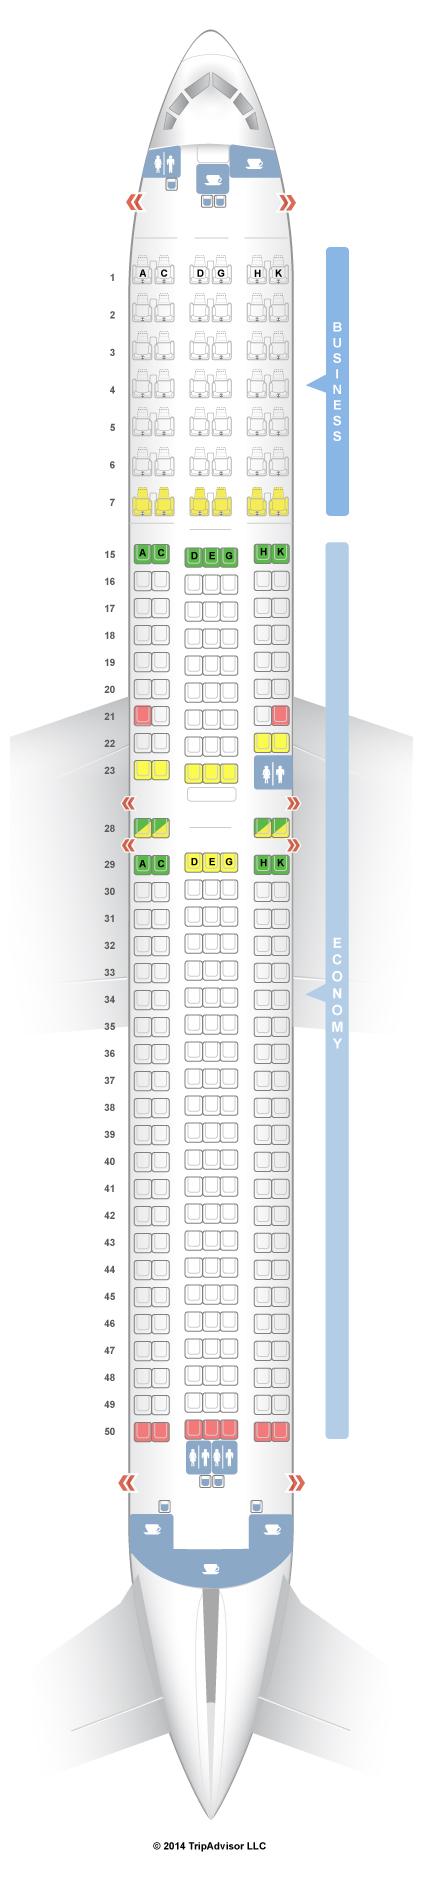 Seatguru seat map jal boeing er   also best travel rh pinterest